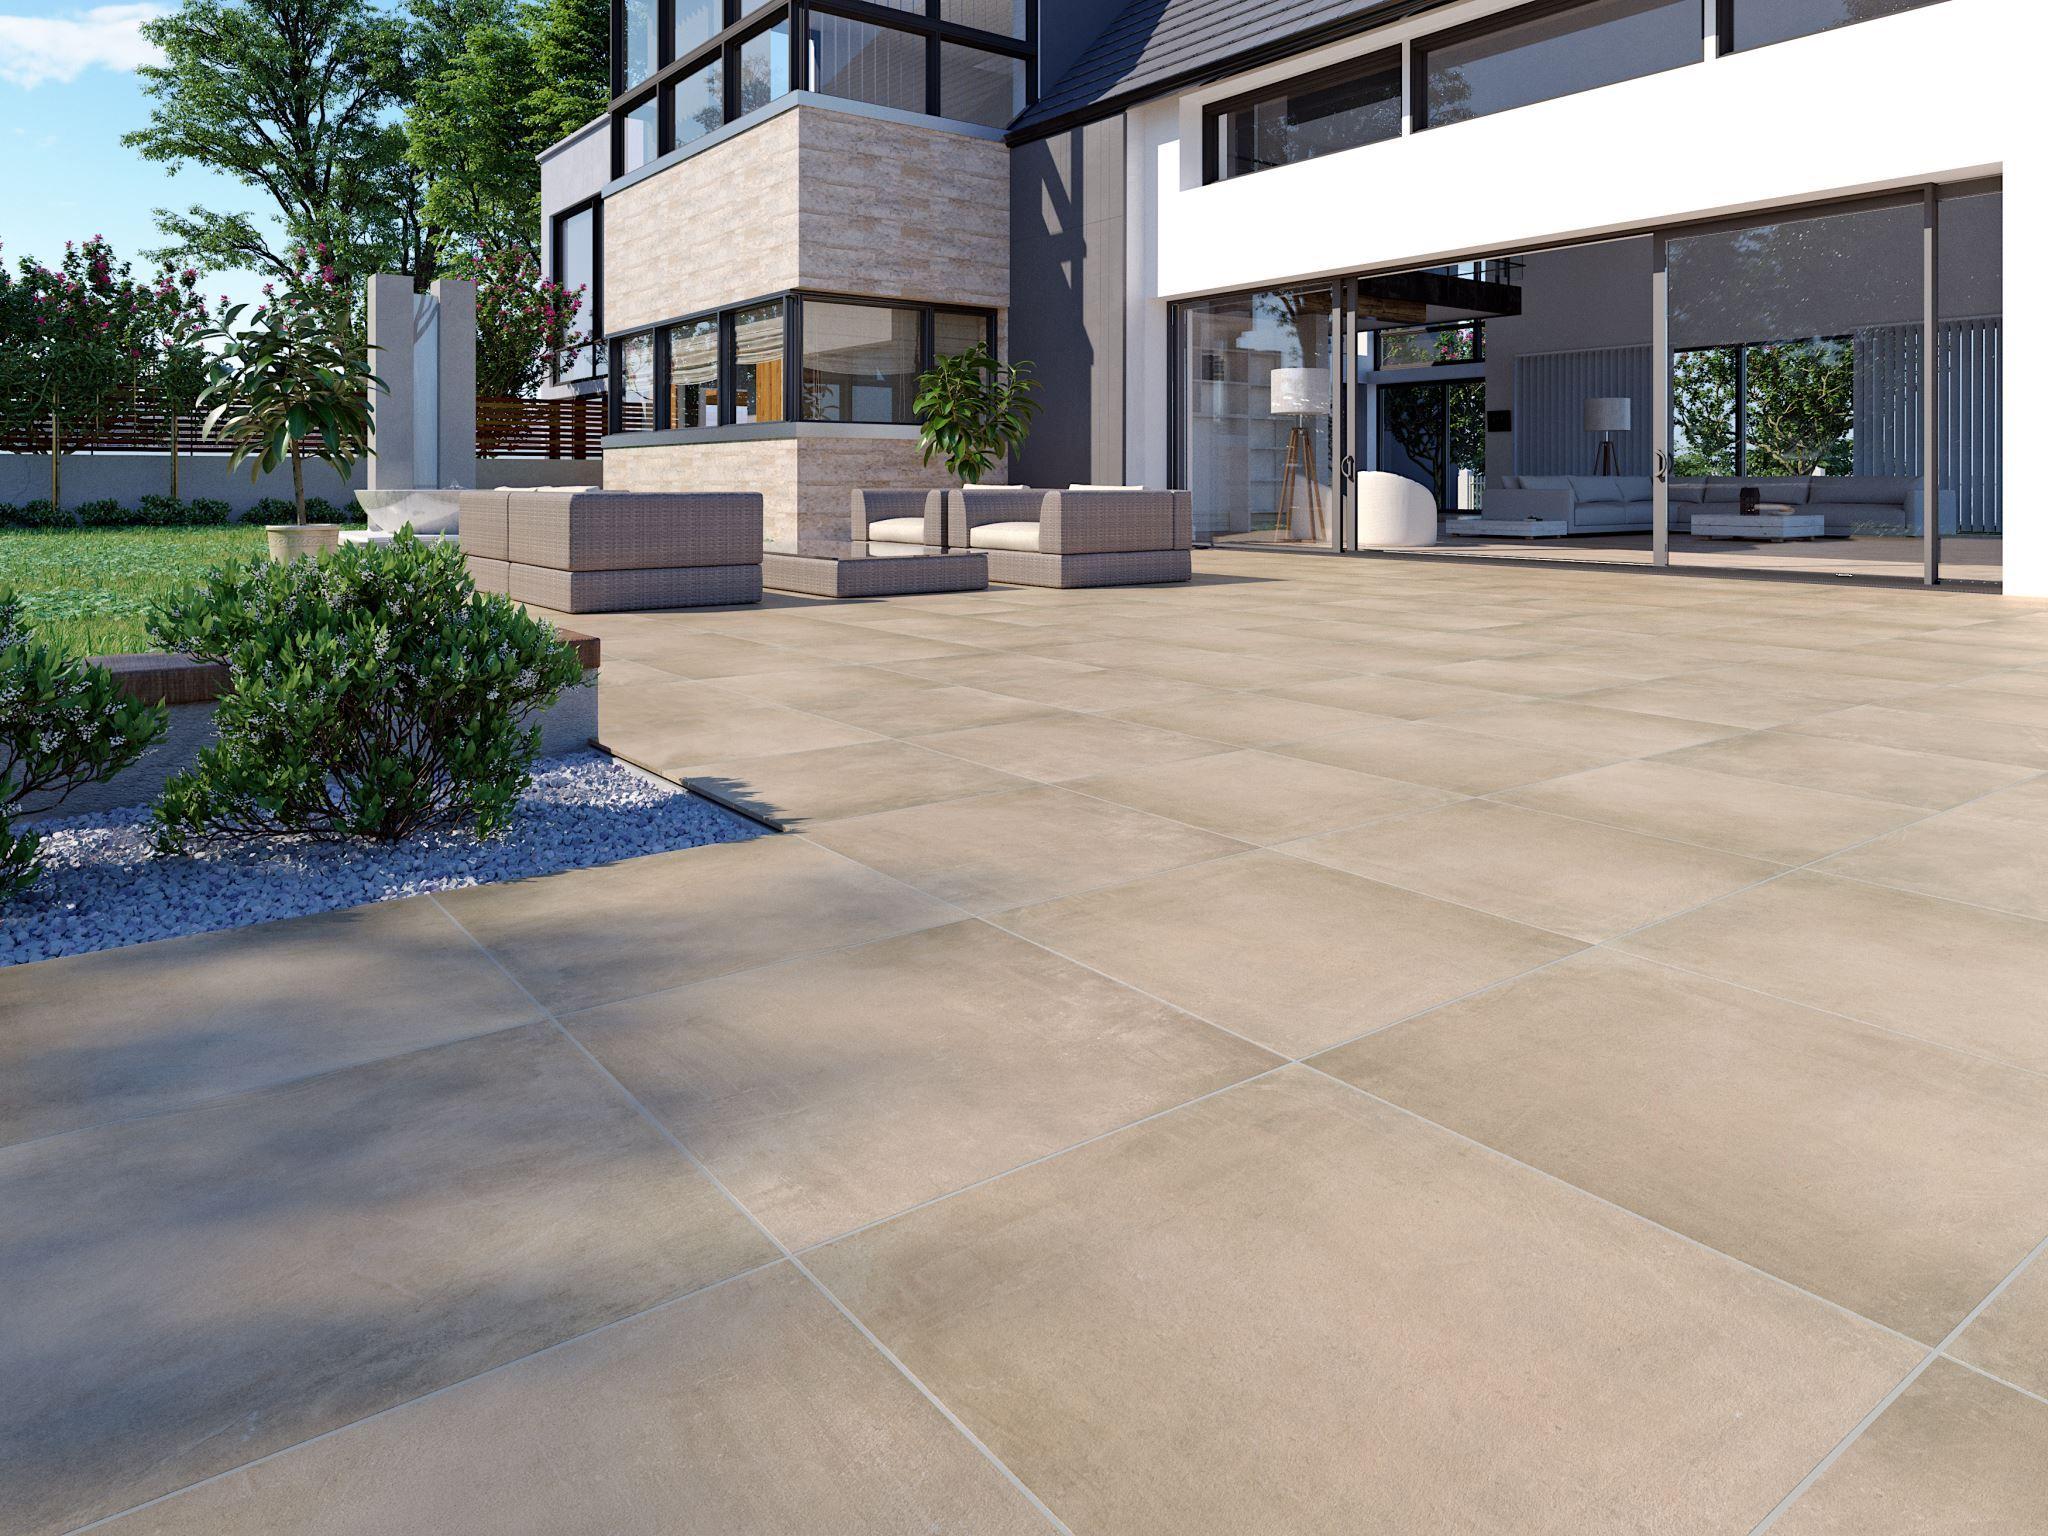 Creme   Notos außen 200x200x20 cm   Stein & Co   Außengestaltung ...